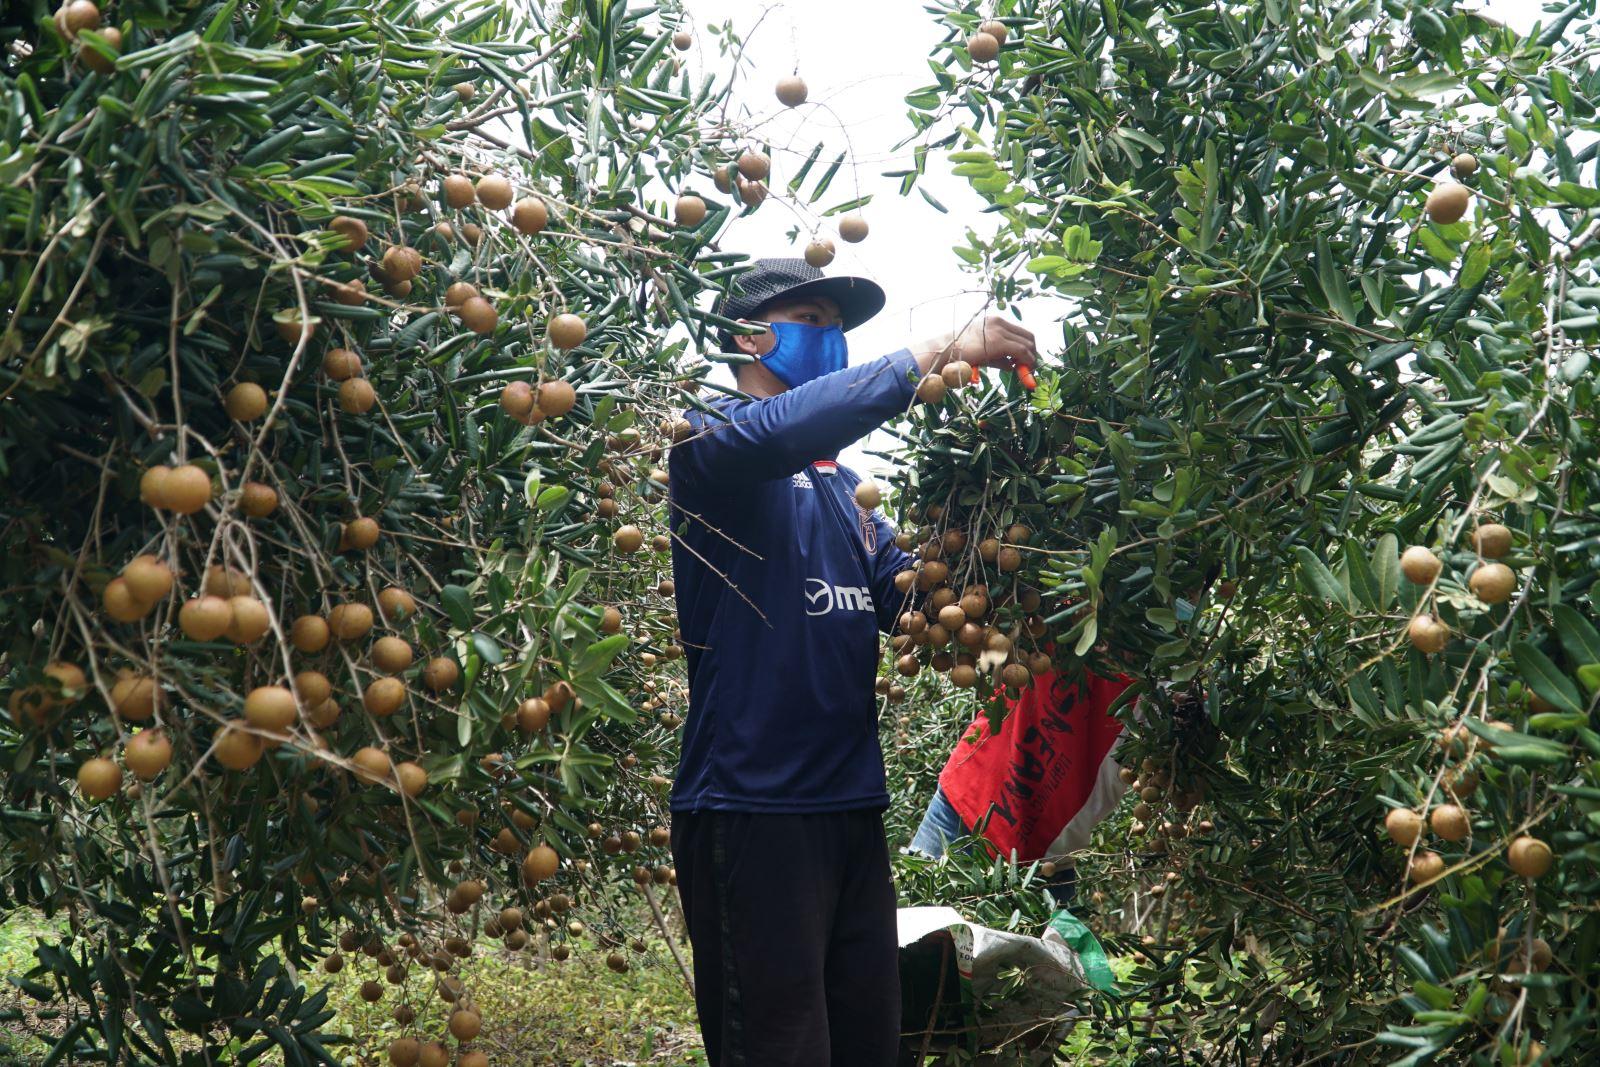 Việc thu mua nông sản đặc biệt là trái cây, rau xanh tại một số địa phương phía Nam hiện gặp một số trở ngại, xảy ra tình trạng ùn ứ một vài nơi.